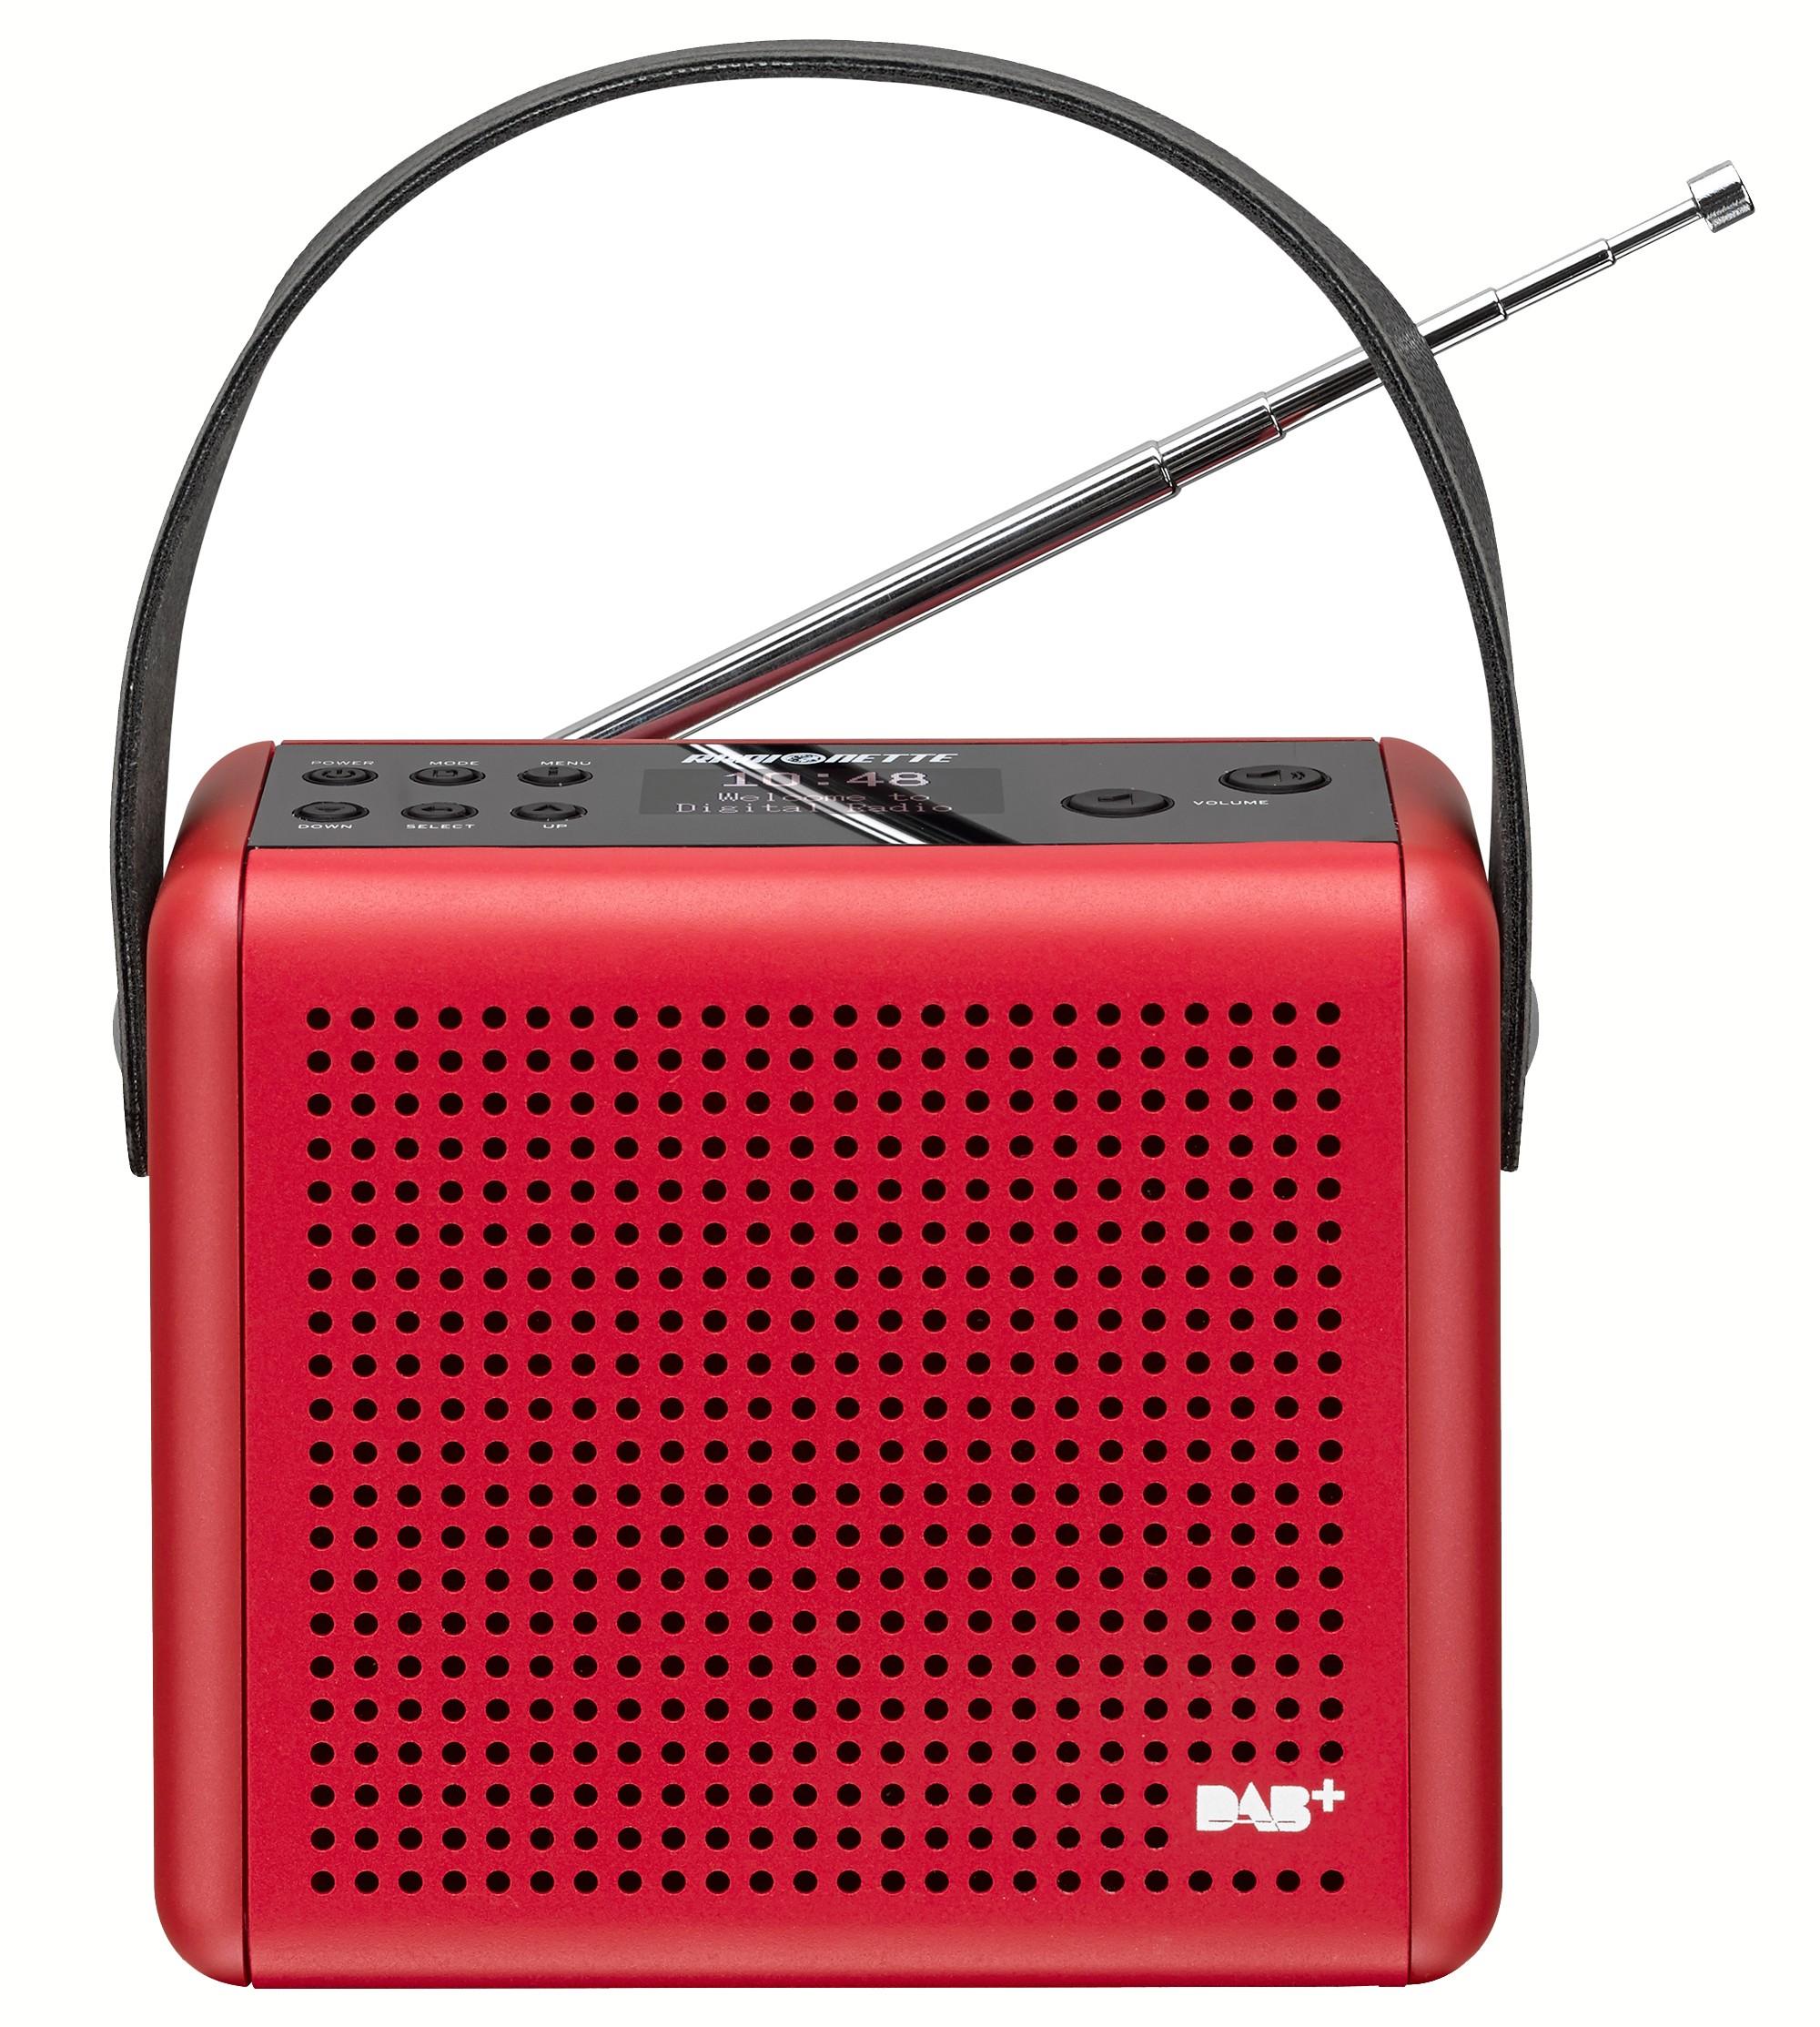 83507 : Radionette DAB+/FM radio RNPDMR14E (rød)